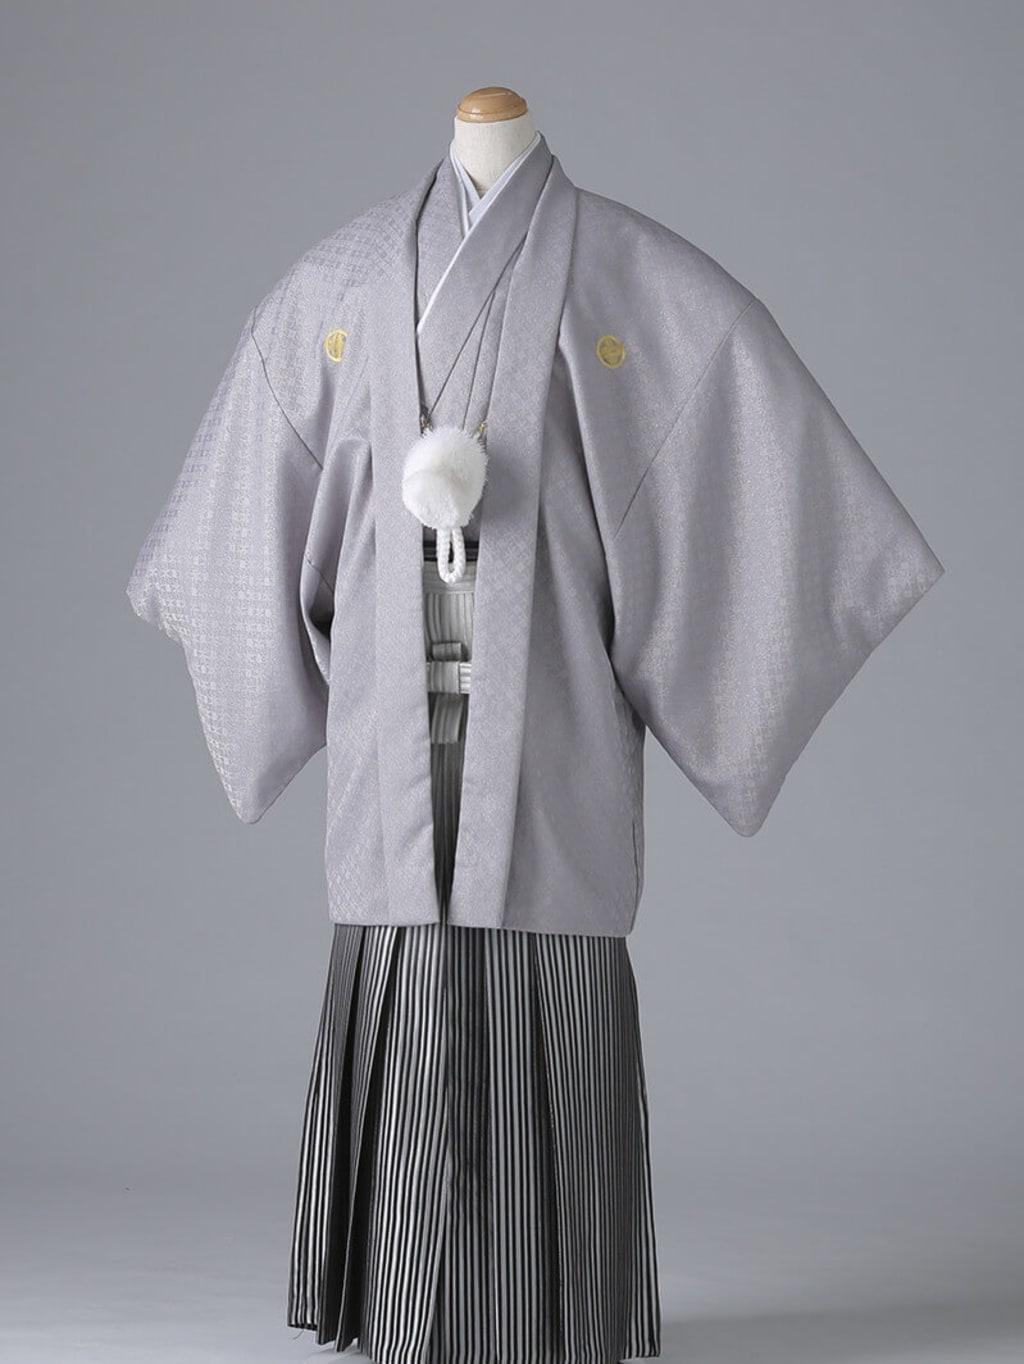 ライトグレー紋付×グラデーション袴